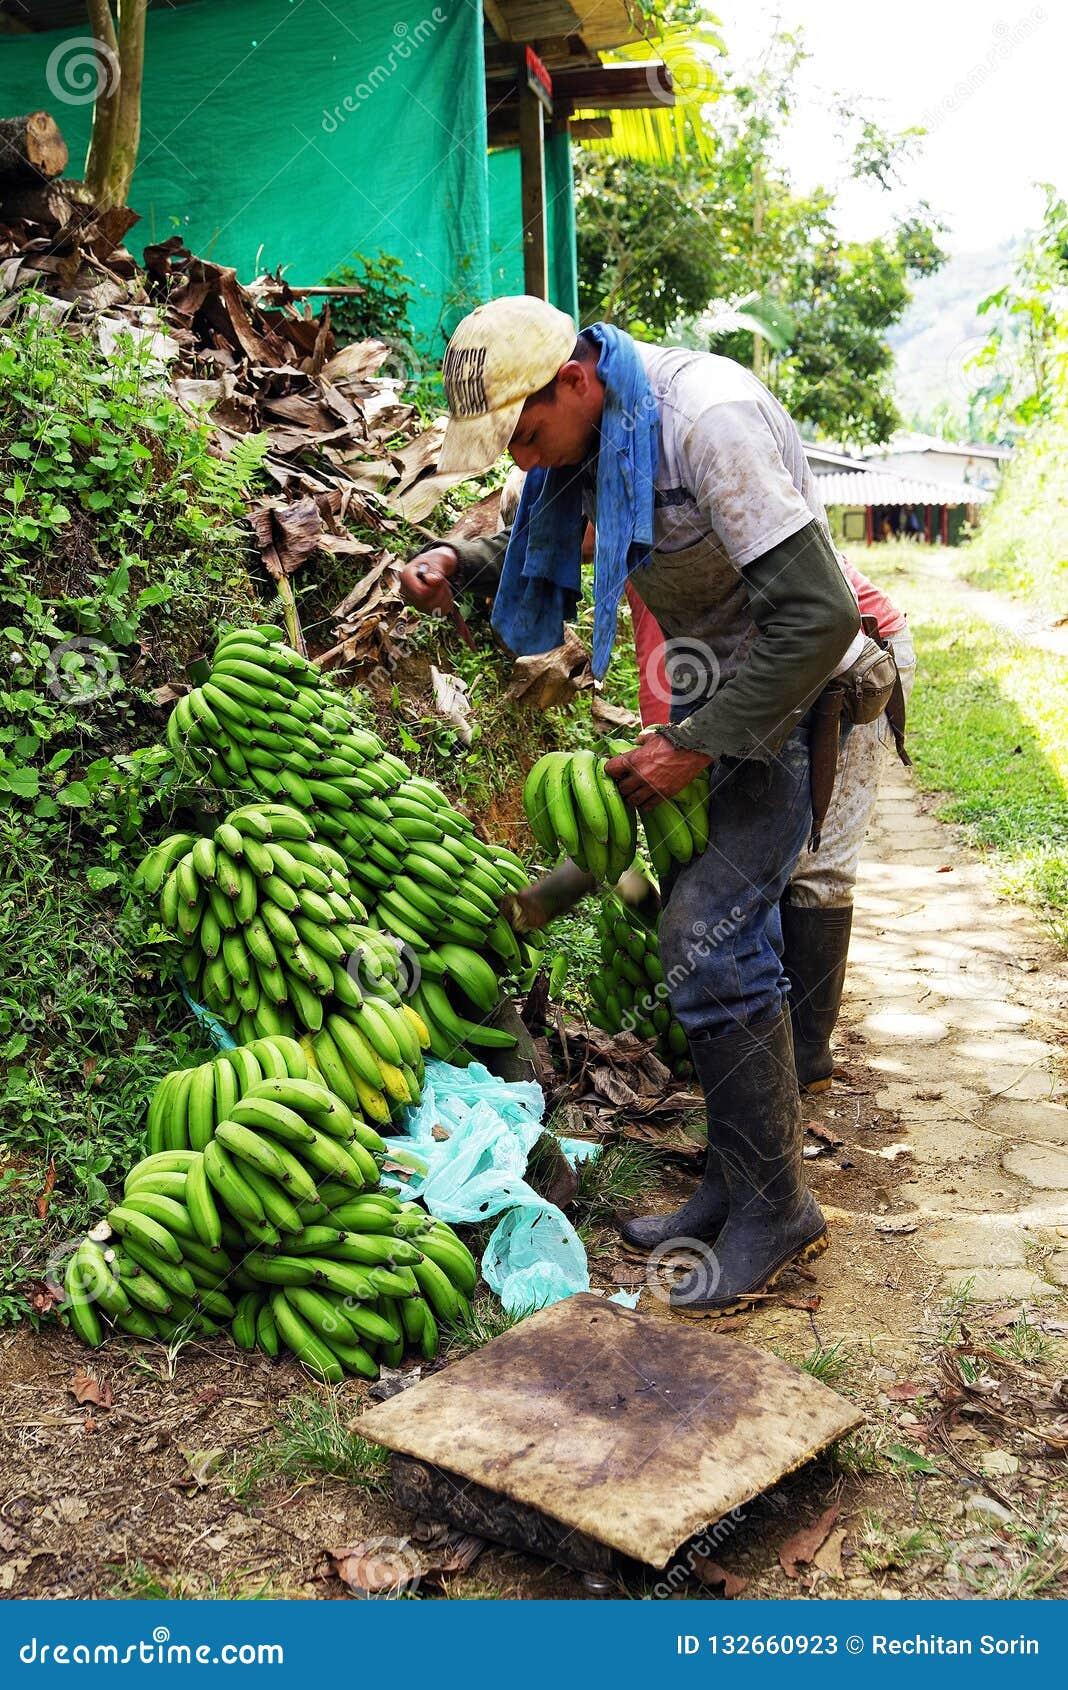 BUENAVISTA, QUINDIO, COLOMBIA, 15 AUGUSTUS, 2018: Banaan het oogsten